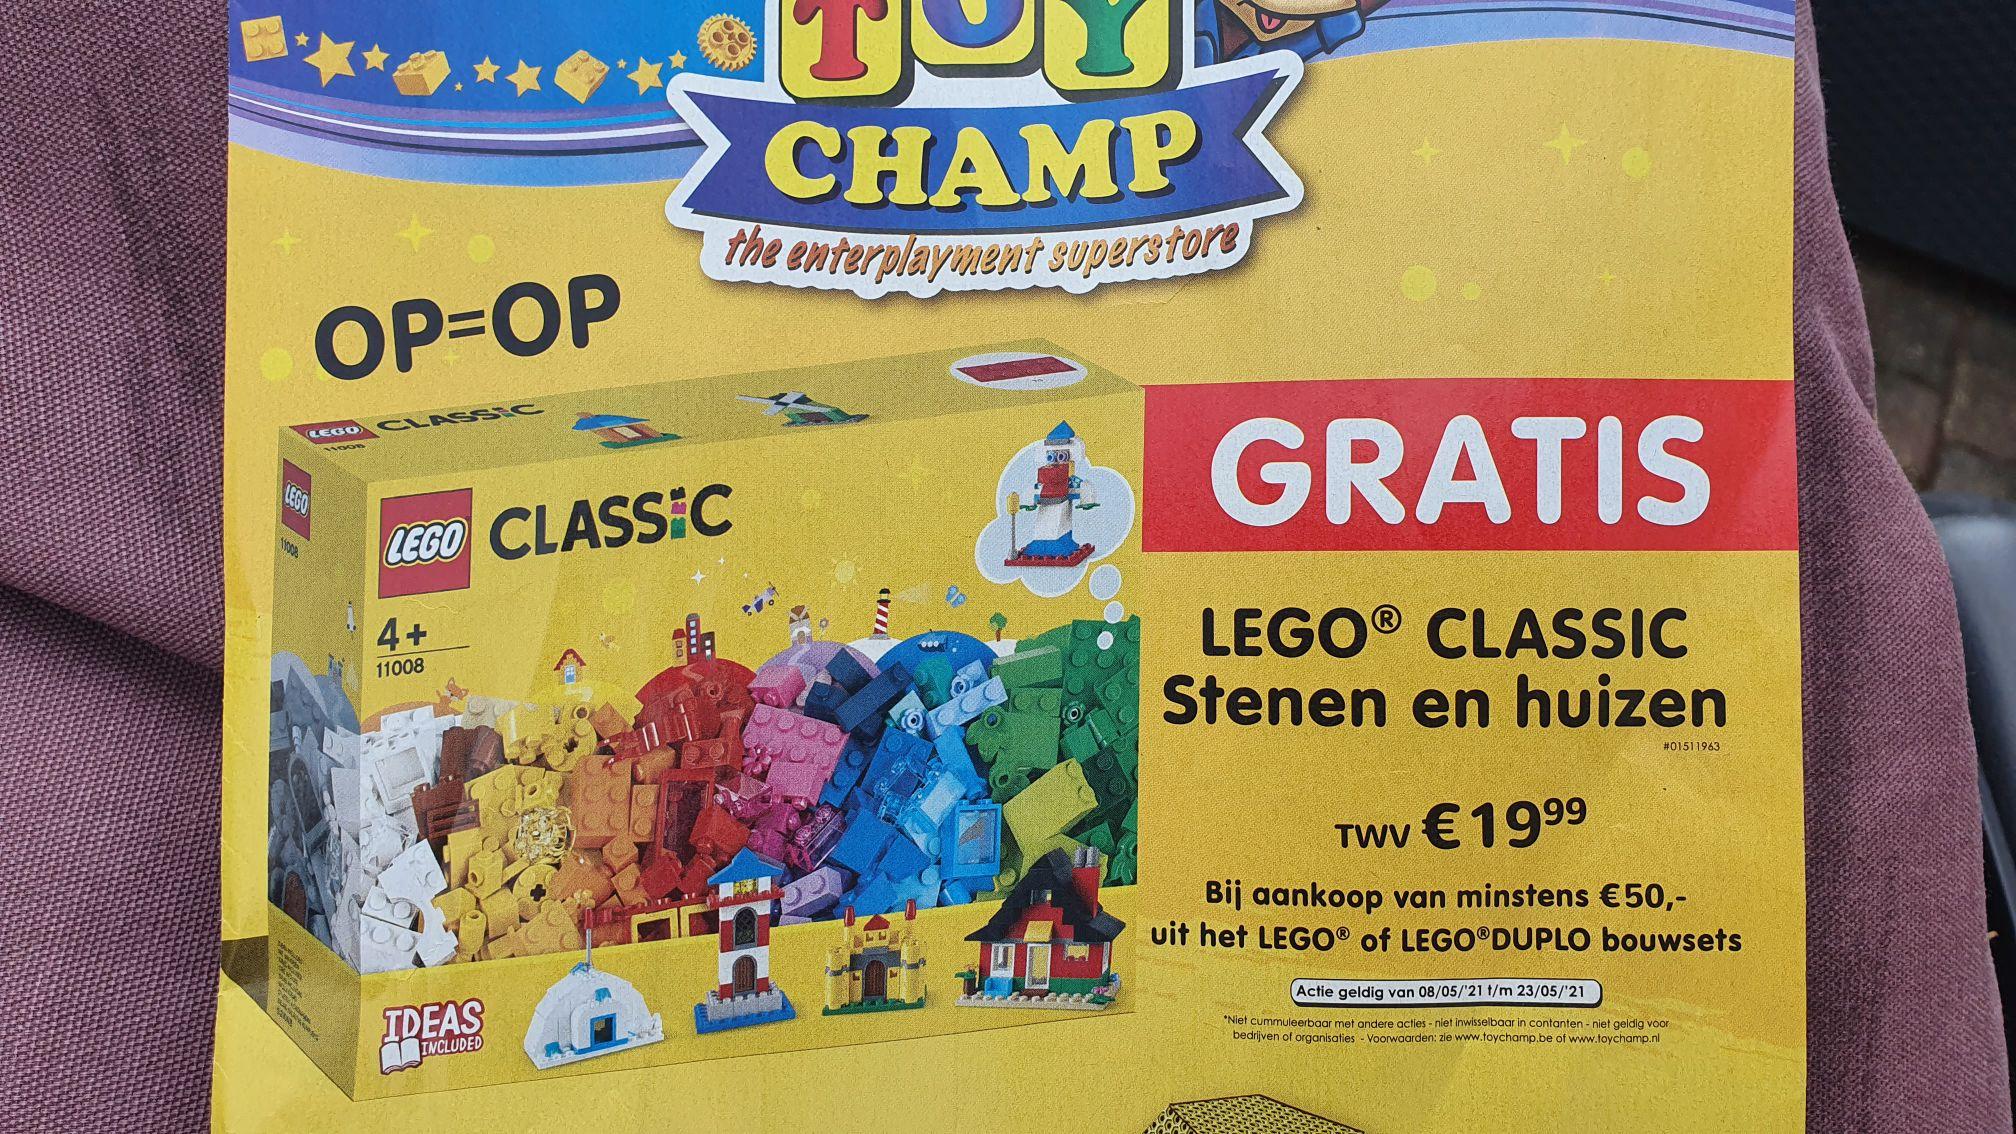 Gratis doos lego classic stenen en huizen bij 50 euro aan lego of lego duplo bouwsets